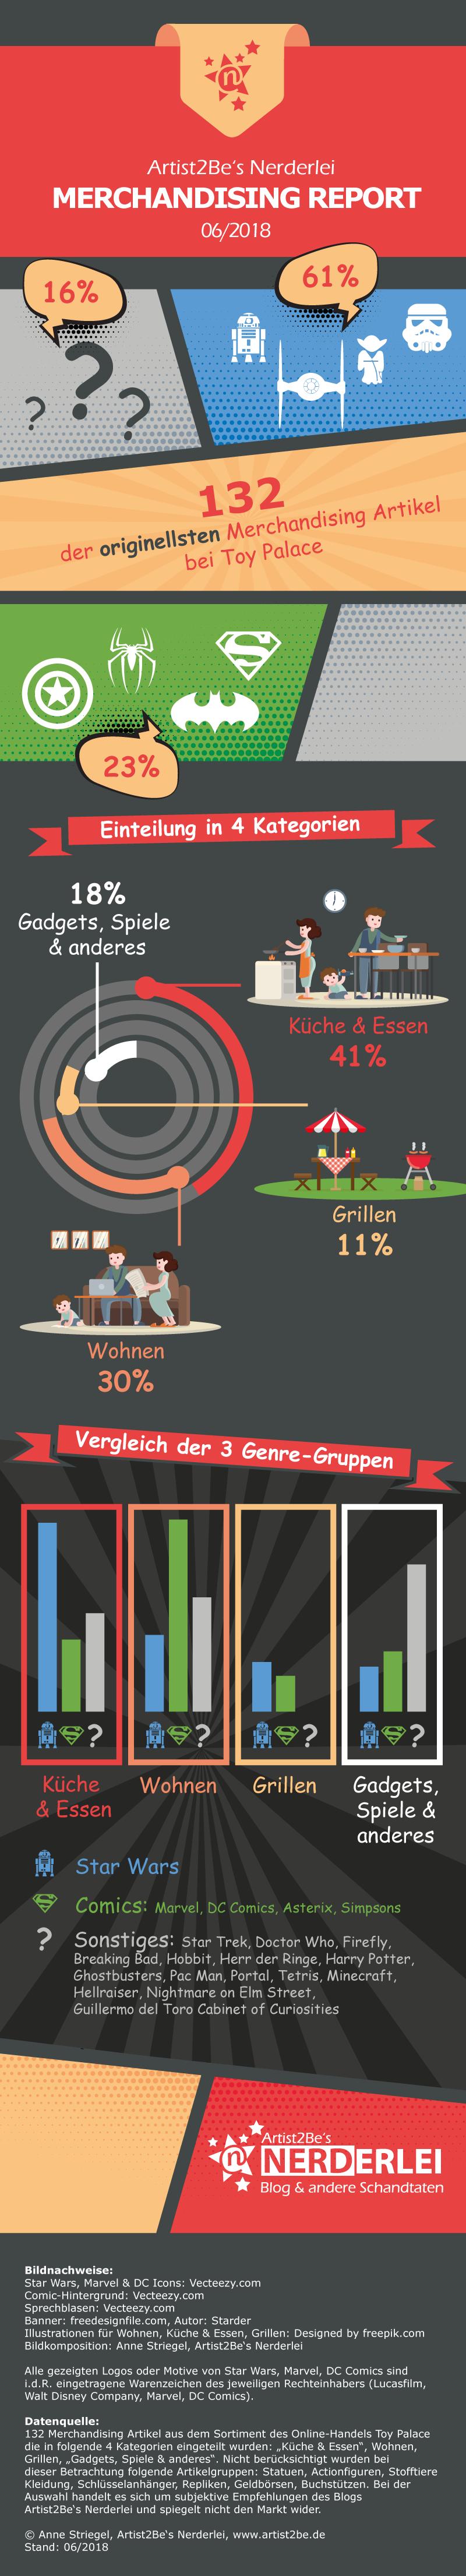 Nerderlei Infografik: Merchandising-Report 06/2018 - Die originellsten Merchandising-Artikel von Toy Palace